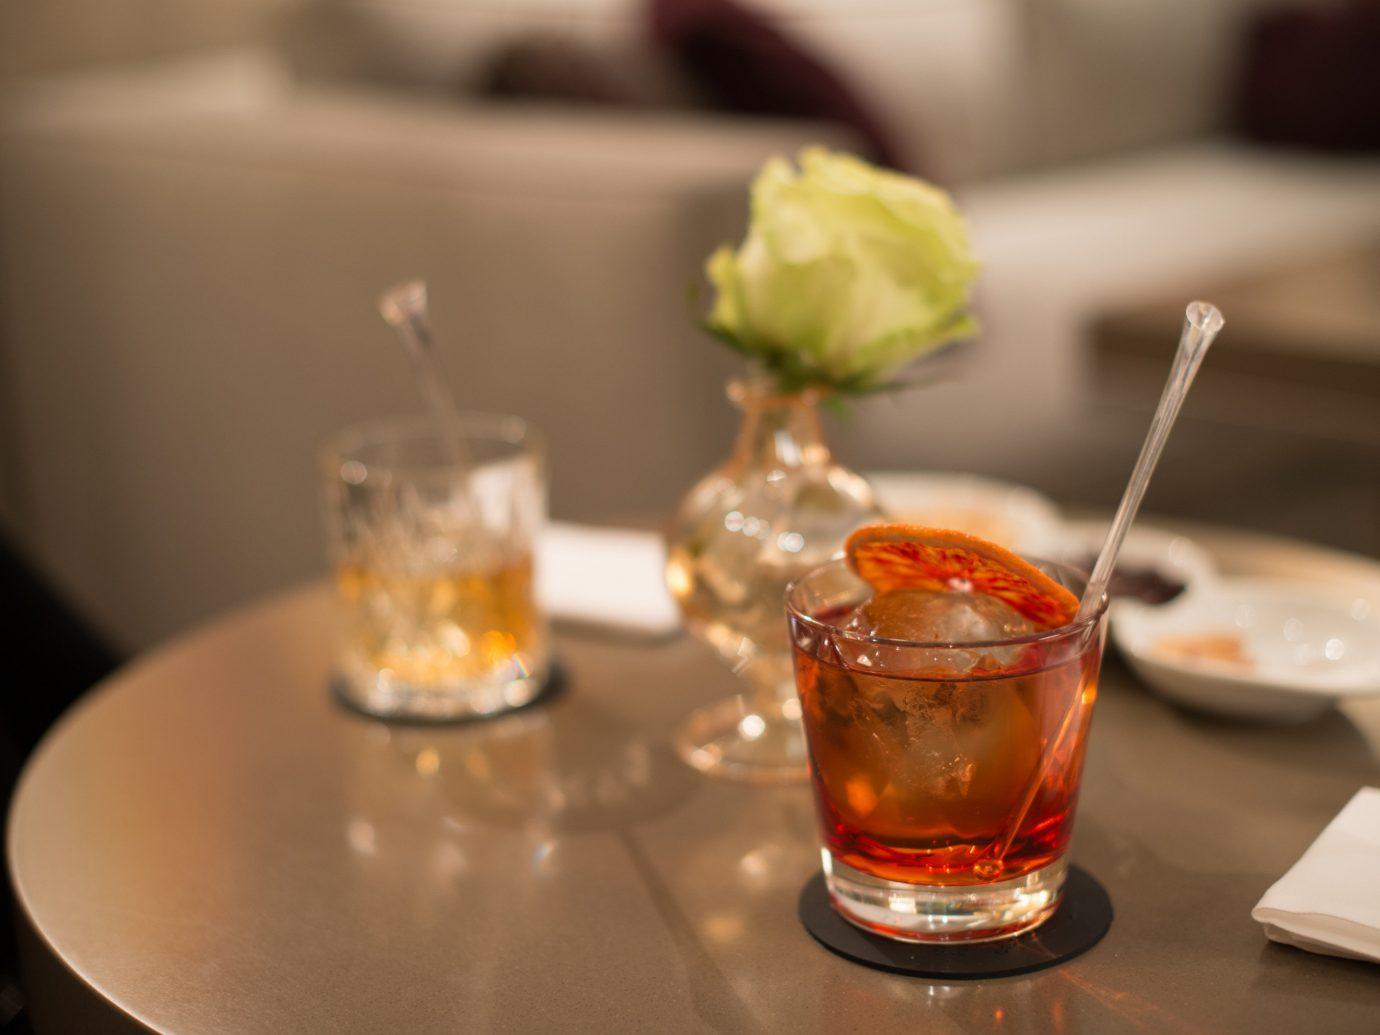 Food + Drink table indoor Drink restaurant meal lighting dinner distilled beverage brunch sense